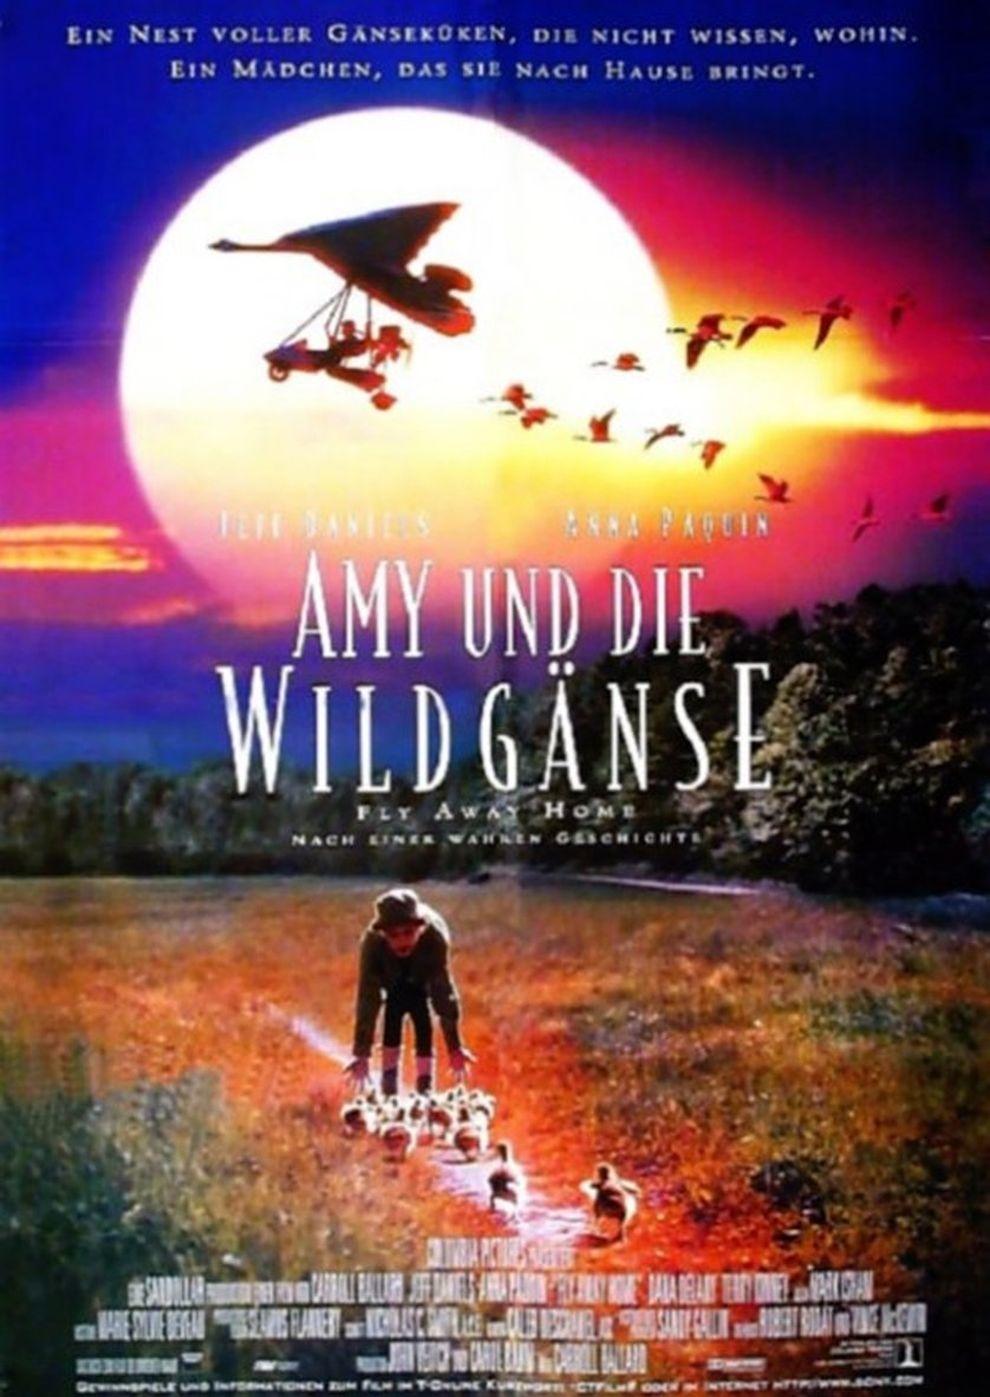 Amy und die Wildgänse (Poster)